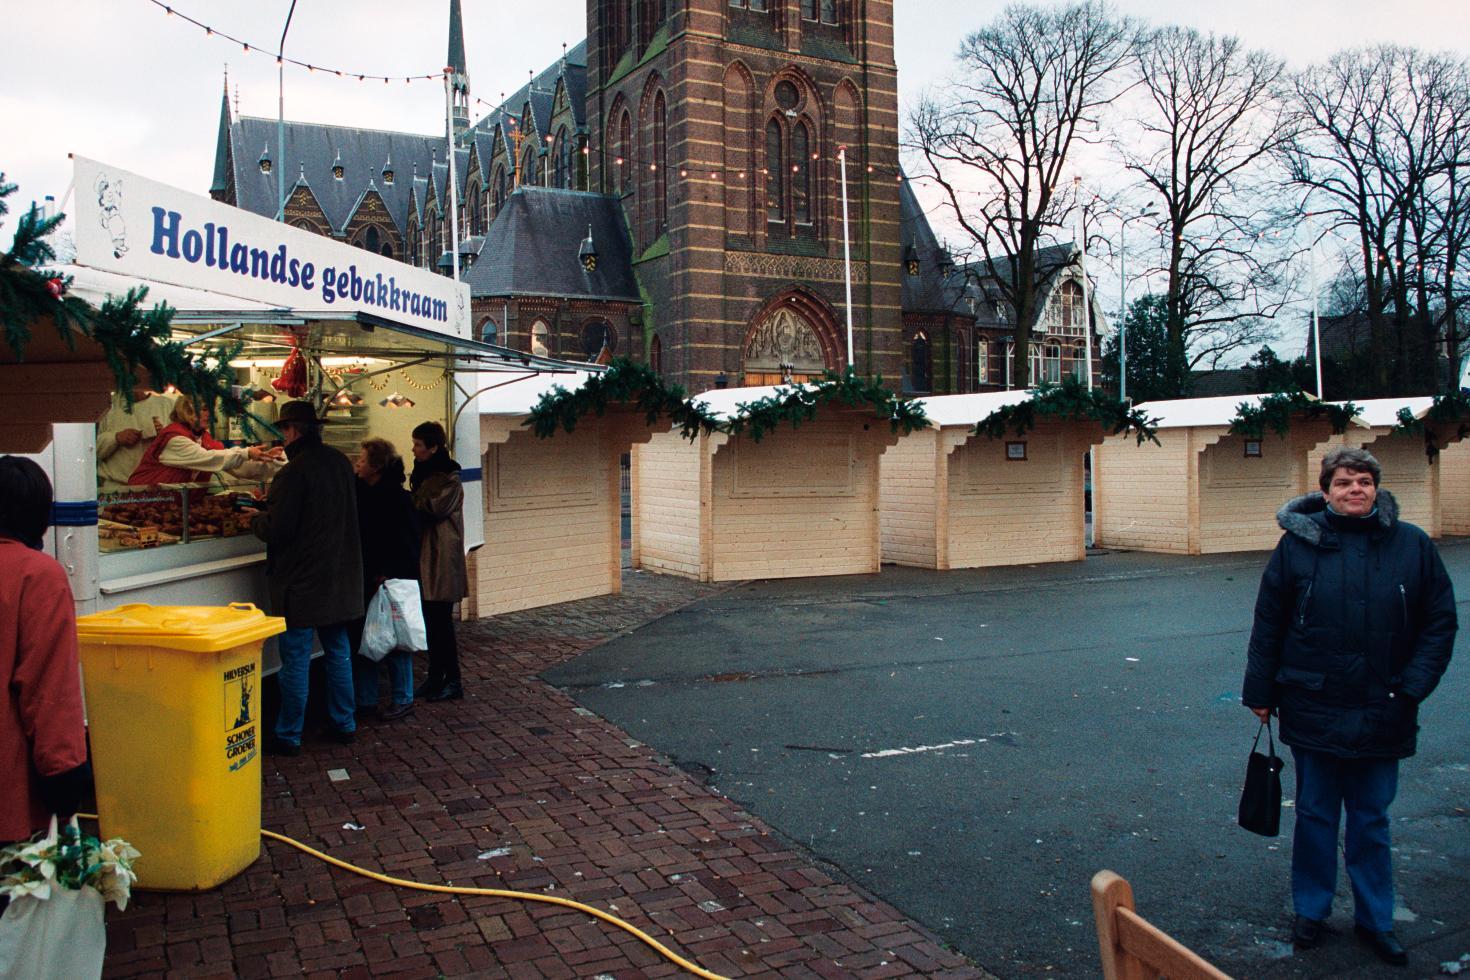 De Kijk van Kastermans: Winter Wonderland in Hilversum was een spookstad